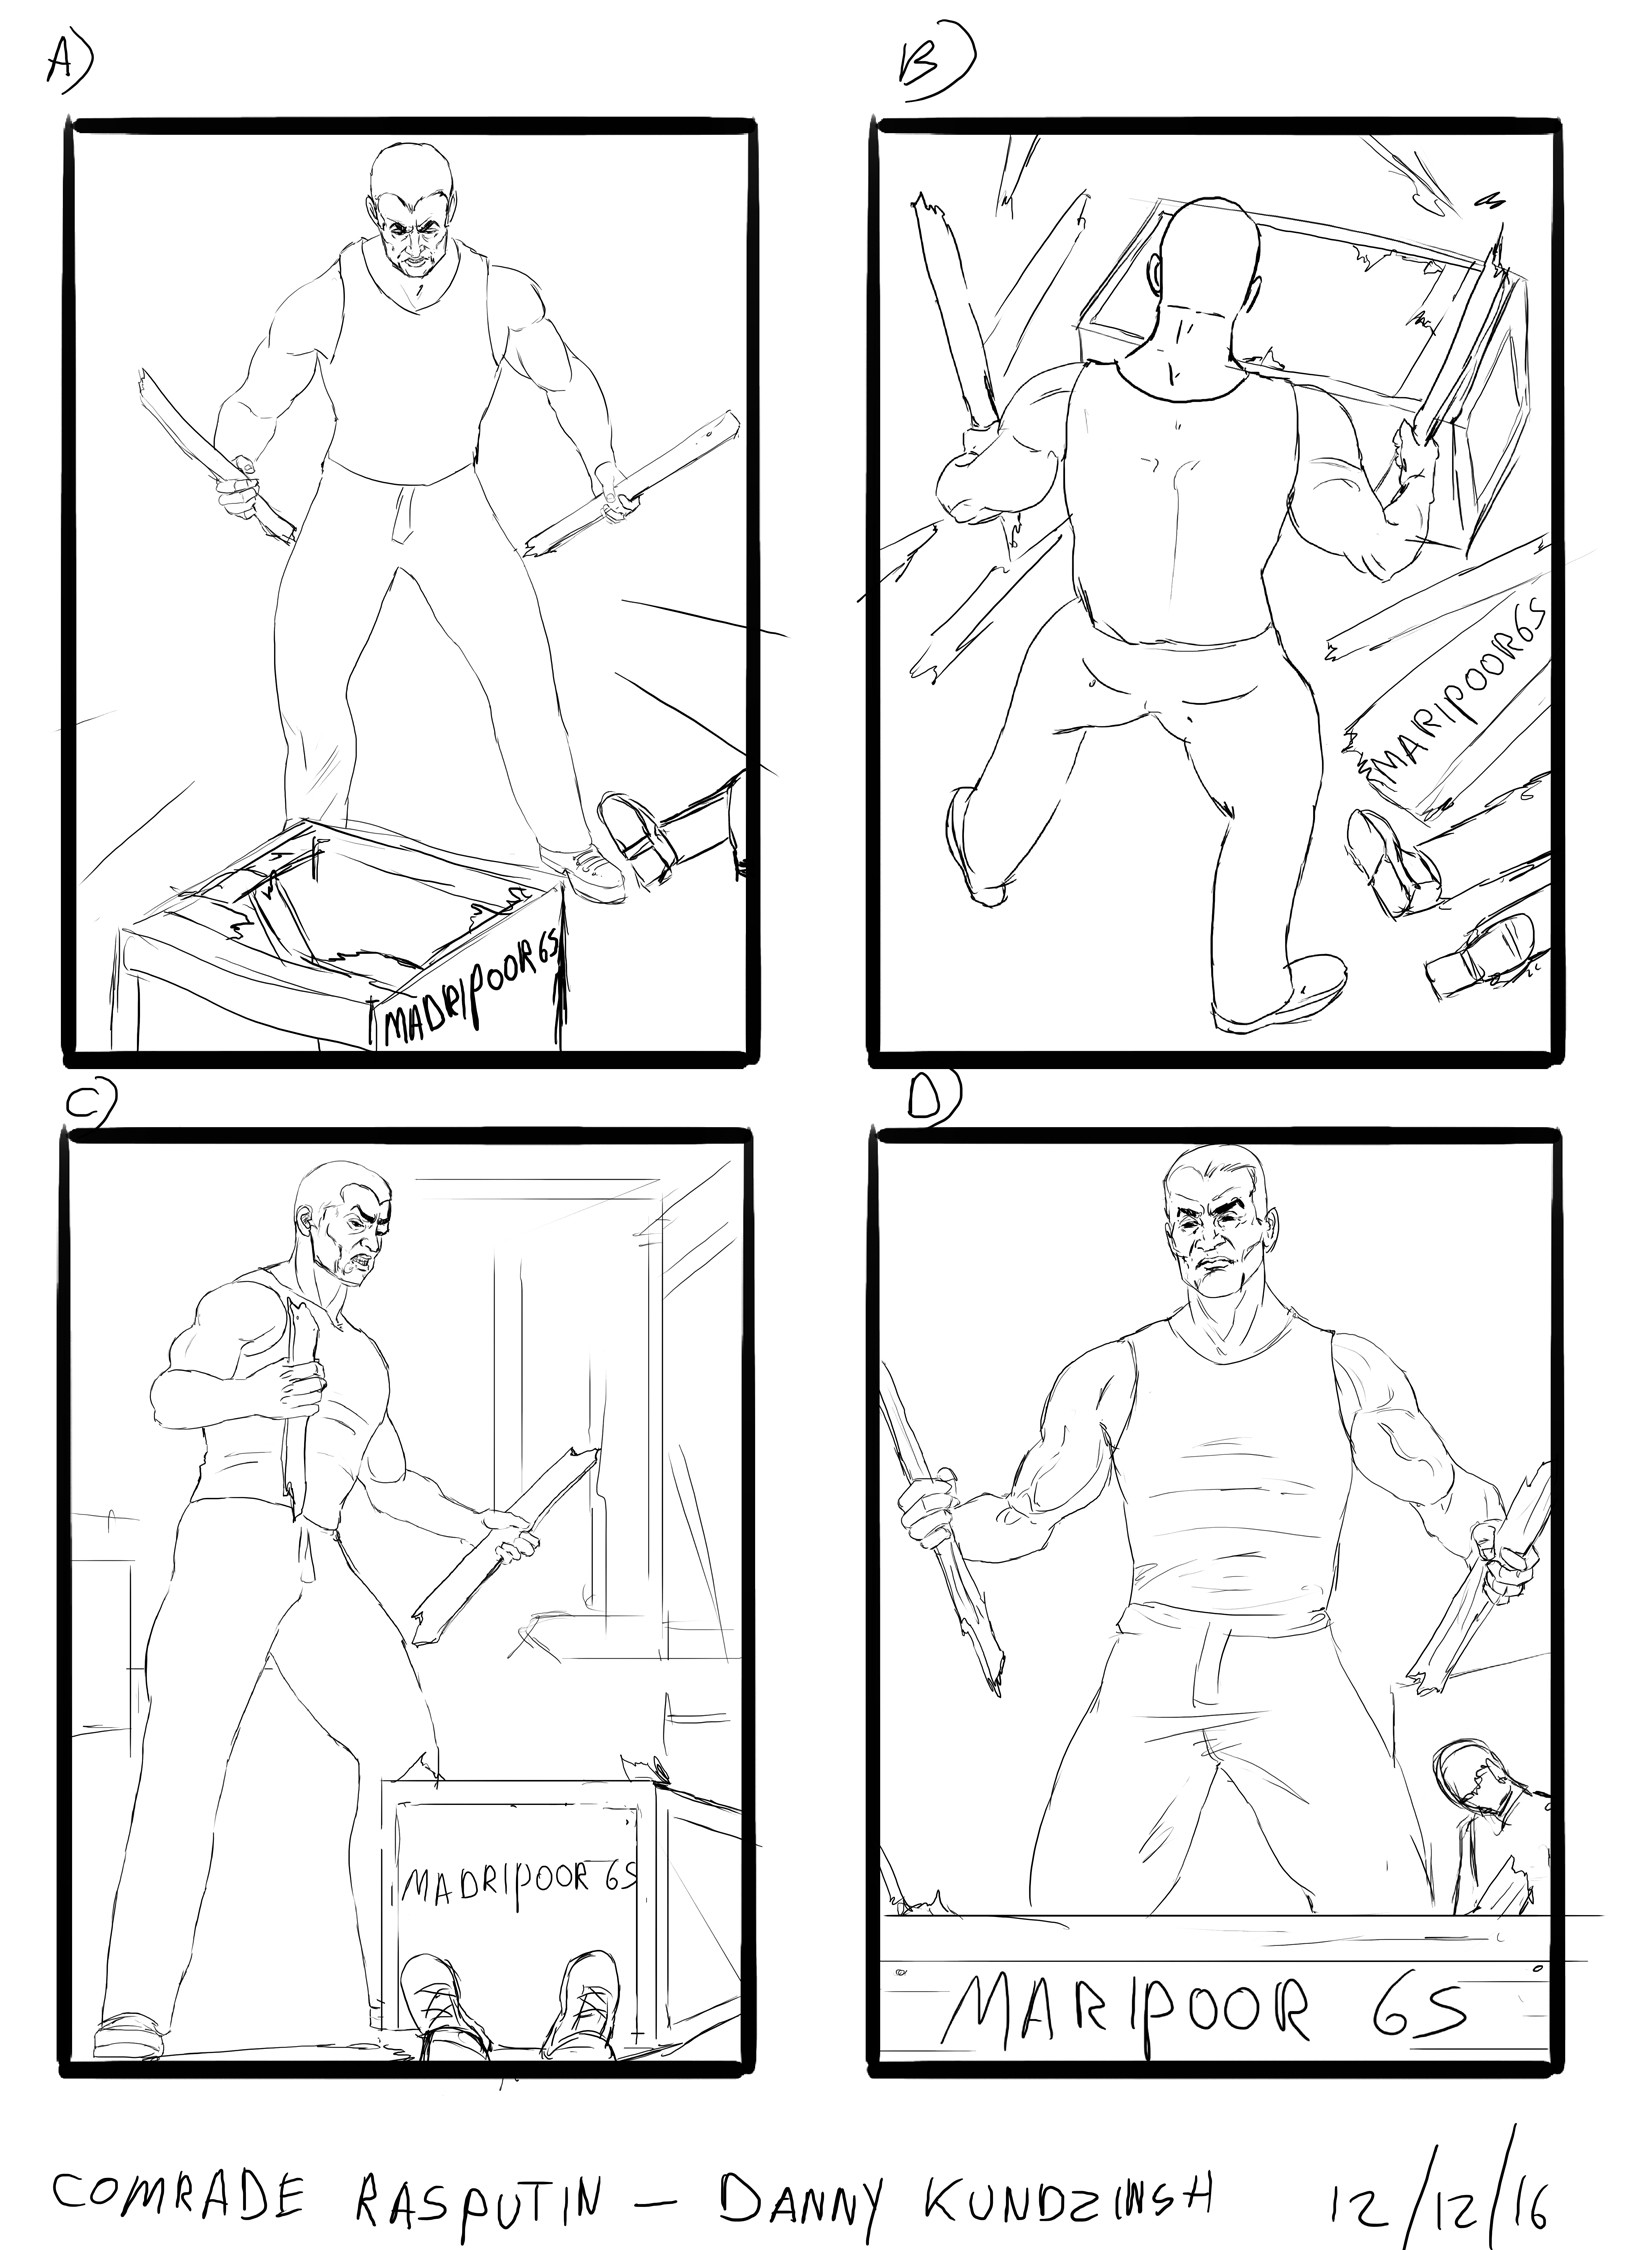 Danny kundzinsh comrade rasputin sketches